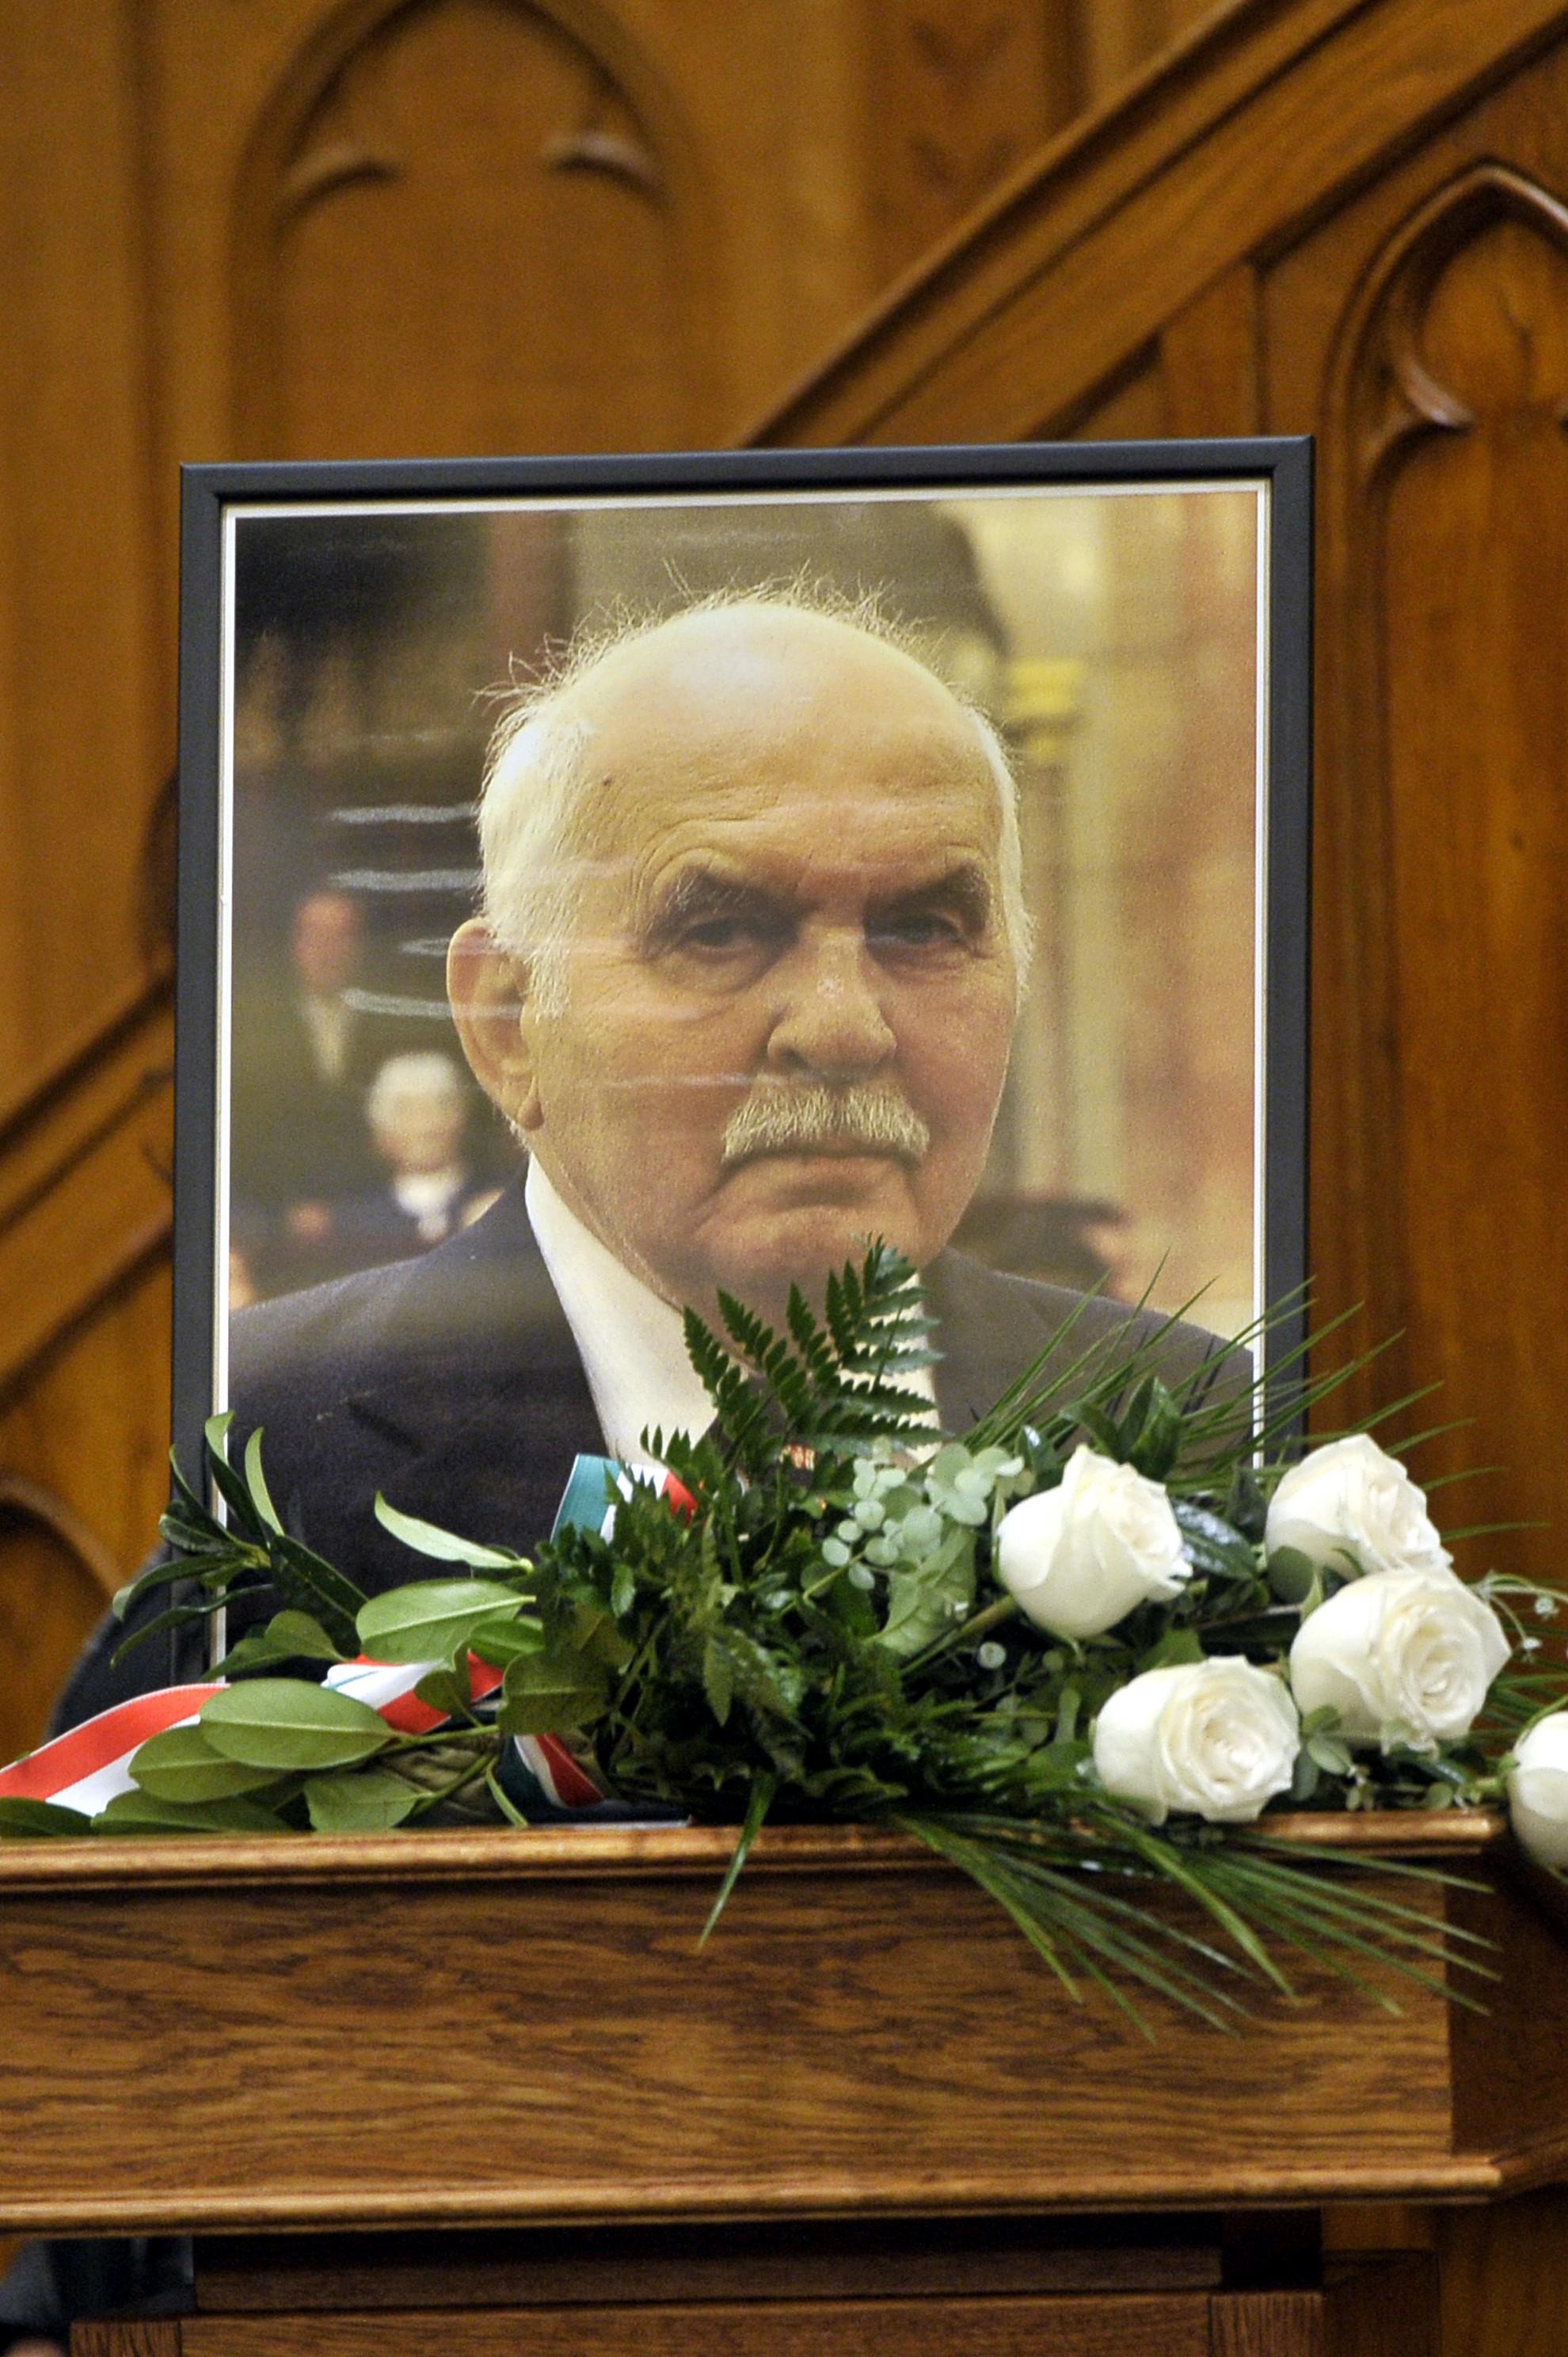 A 2019. november 25-én, életének 99 évében elhunyt Horváth János volt fideszes országgyűlési képviselőnek, az Országgyűlés korábbi korelnökének portréja a parlament plenáris ülésén 2019. december 2-án